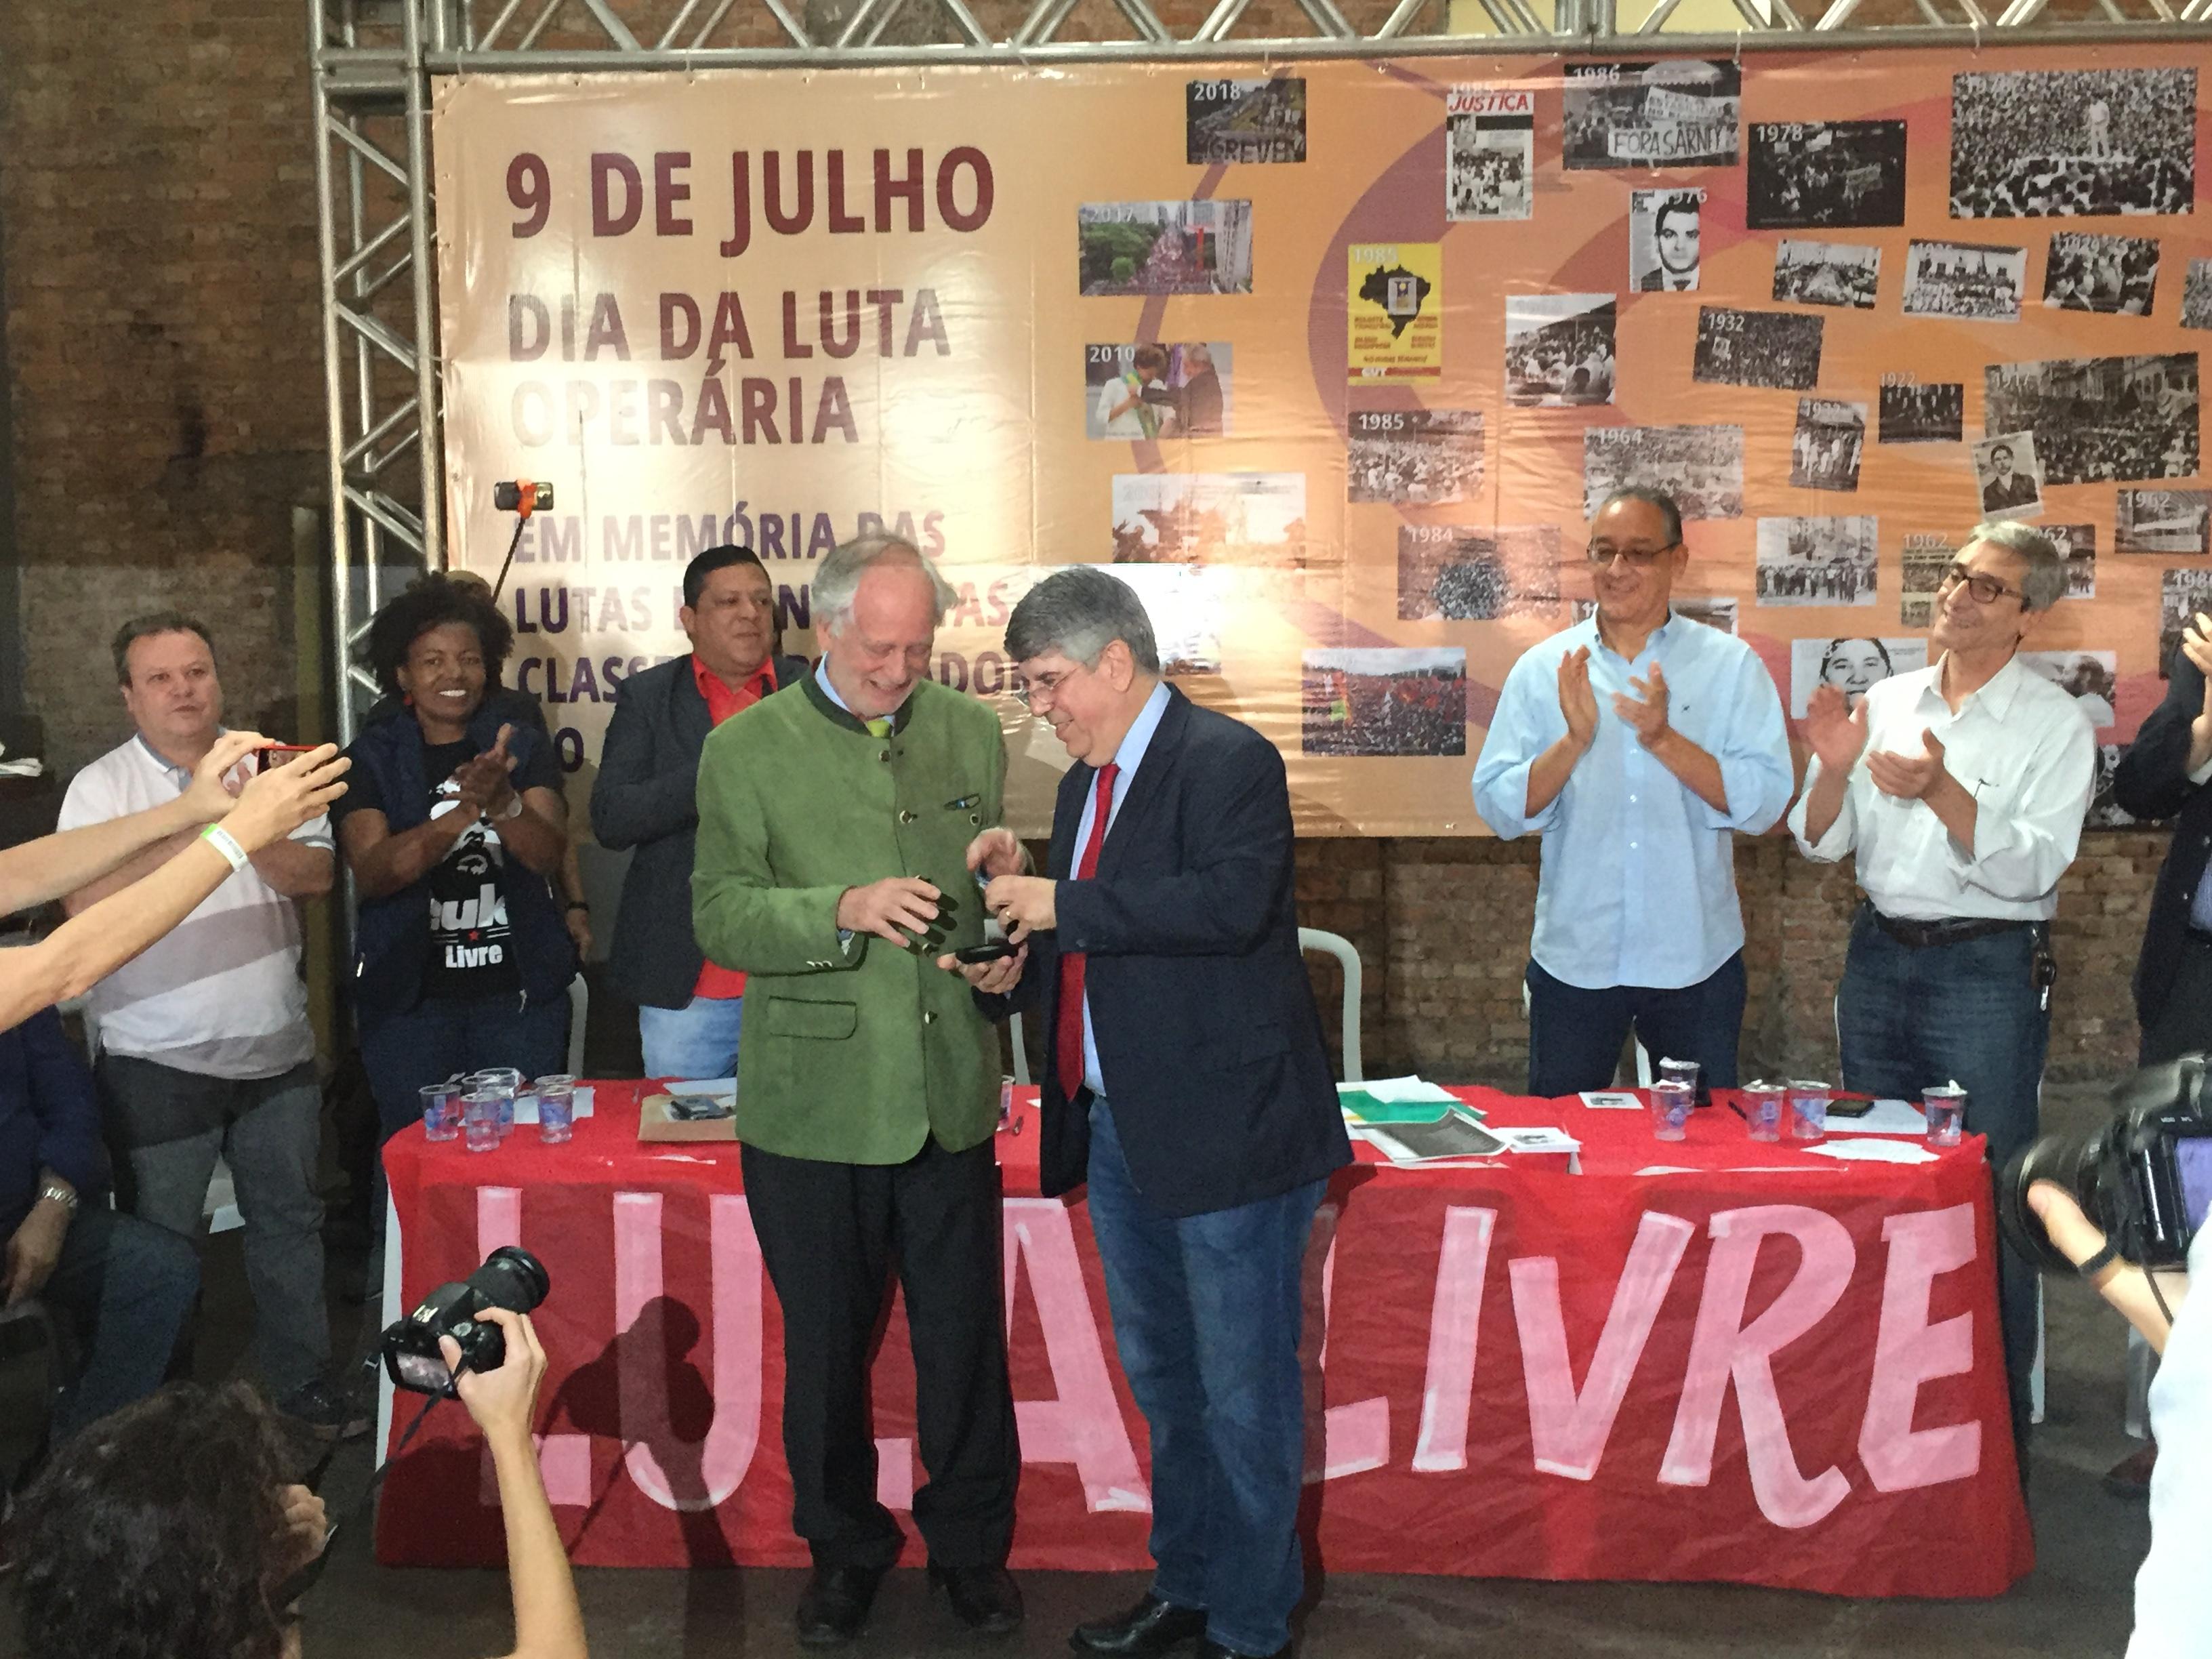 Centenas de pessoas prestam homenagem a José L. Del Roio